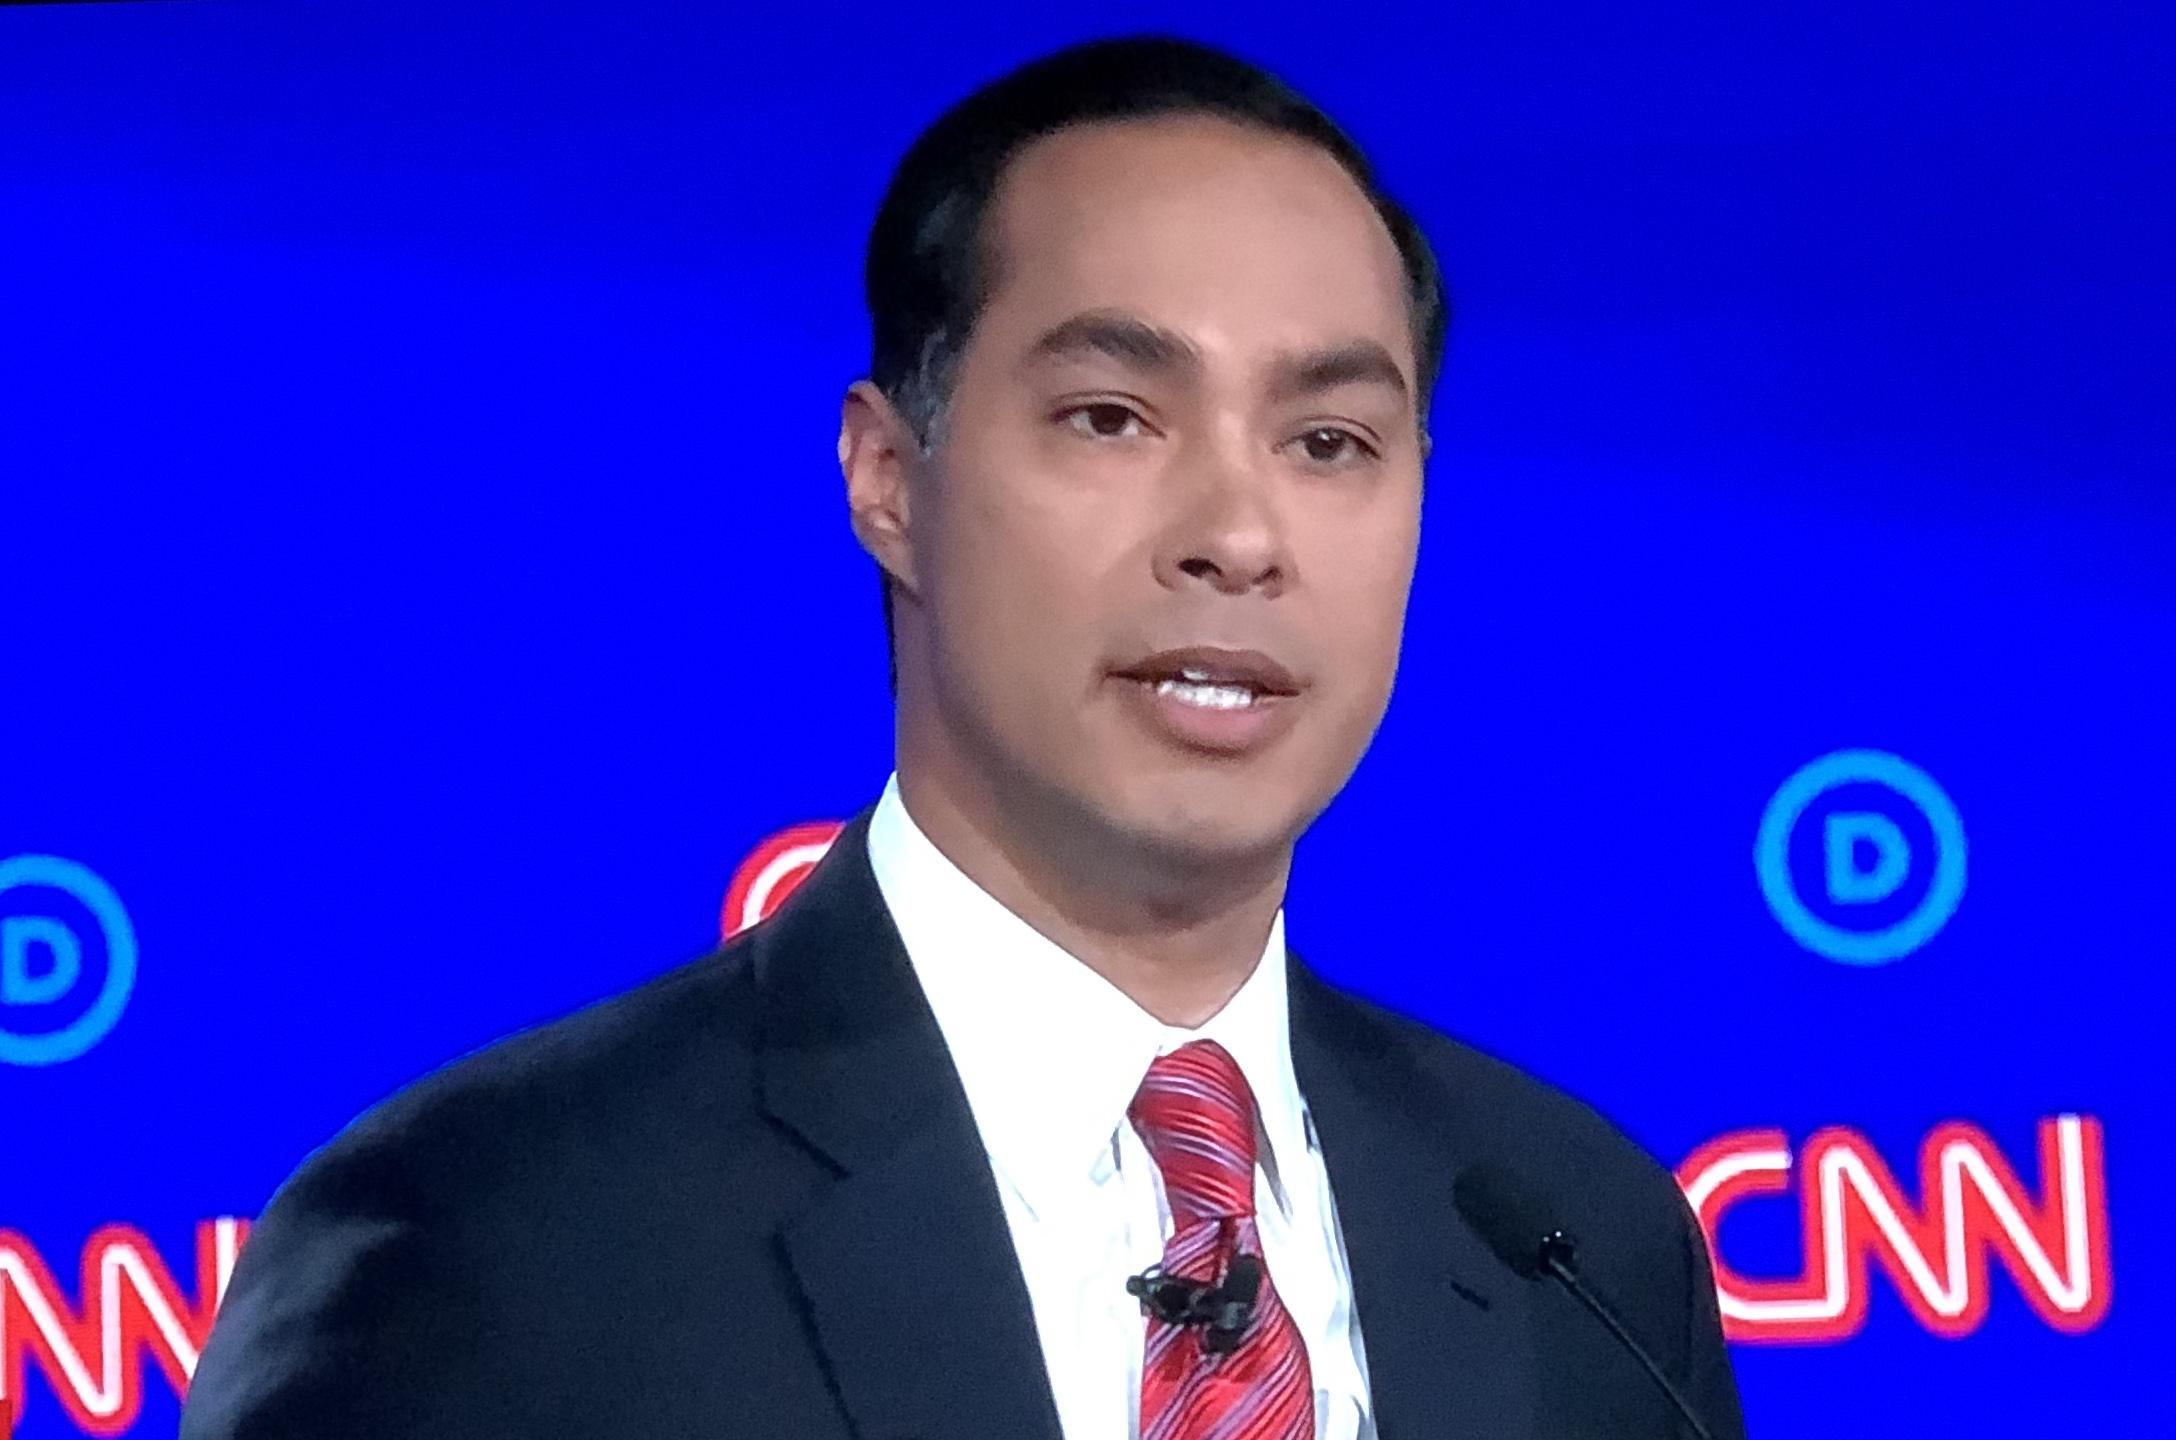 Joaquín Castro ex Secretario de Vivienda bajo la administración Obama, y también precandidato demócrata para la elecciones presidenciales del 2020.